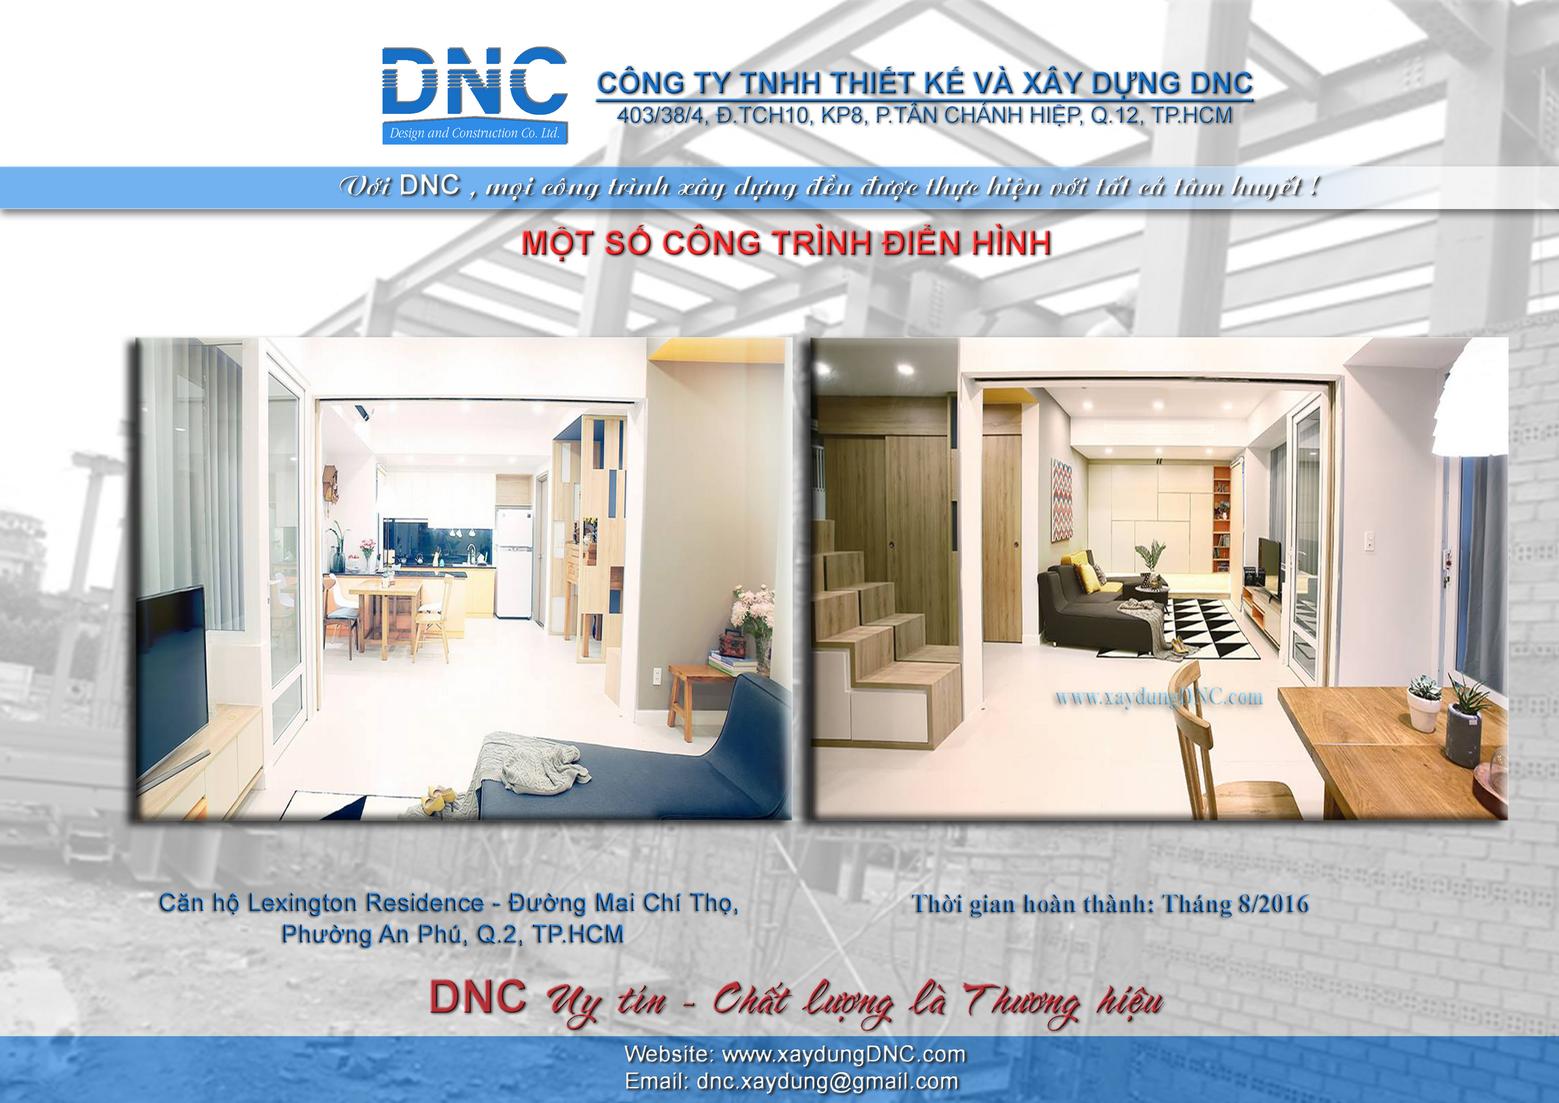 Giới thiệu về công ty TNHH Thiết Kế Và Xây DựngDNC